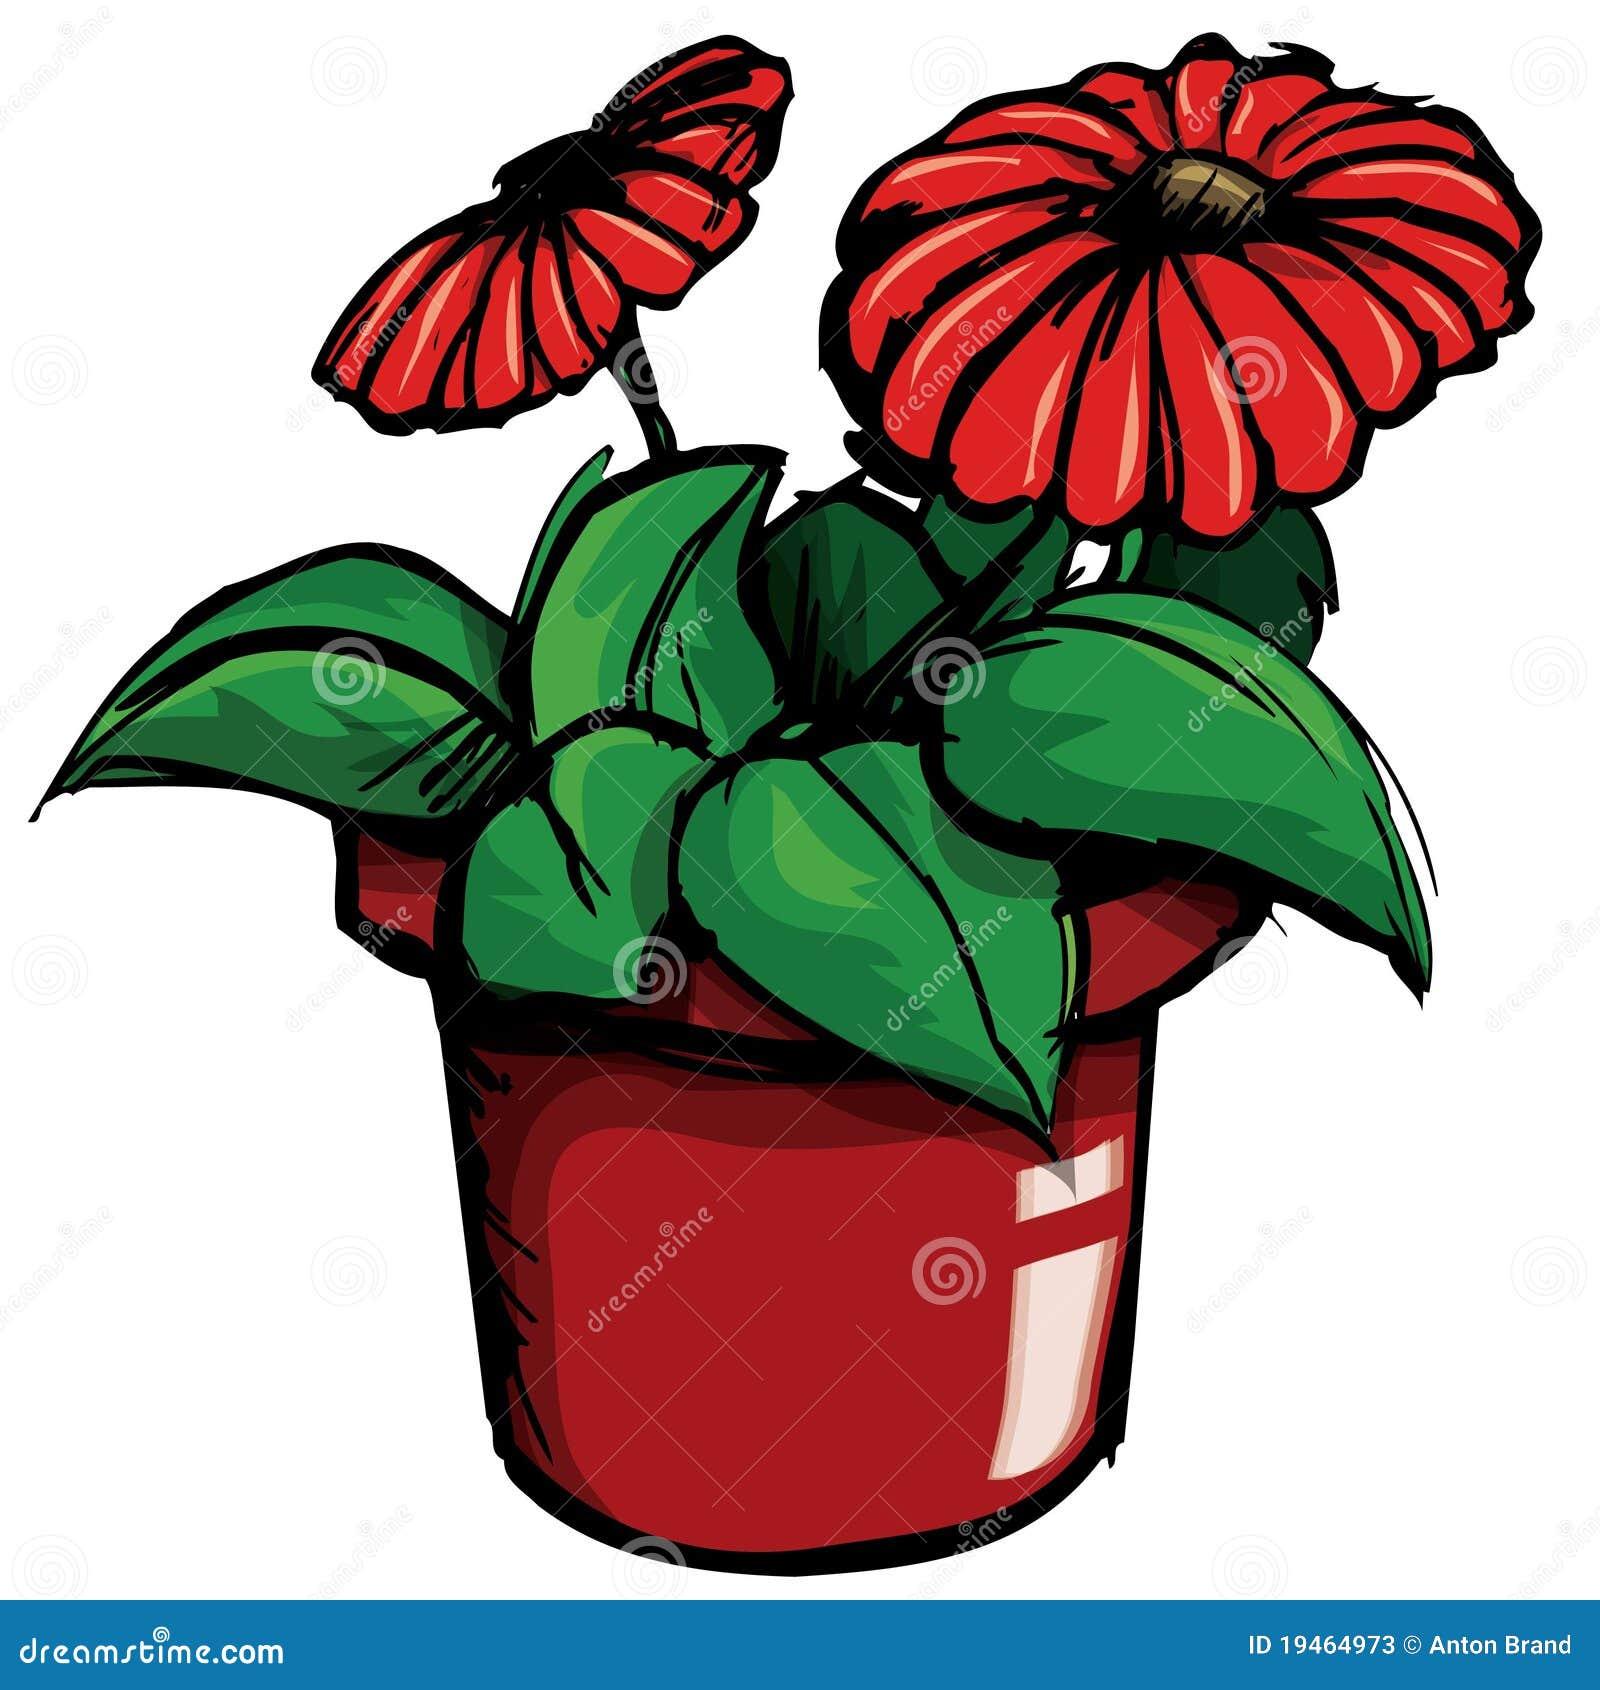 Cartoon Of Flower Pot Stock Vector Illustration Of Spring 19464973